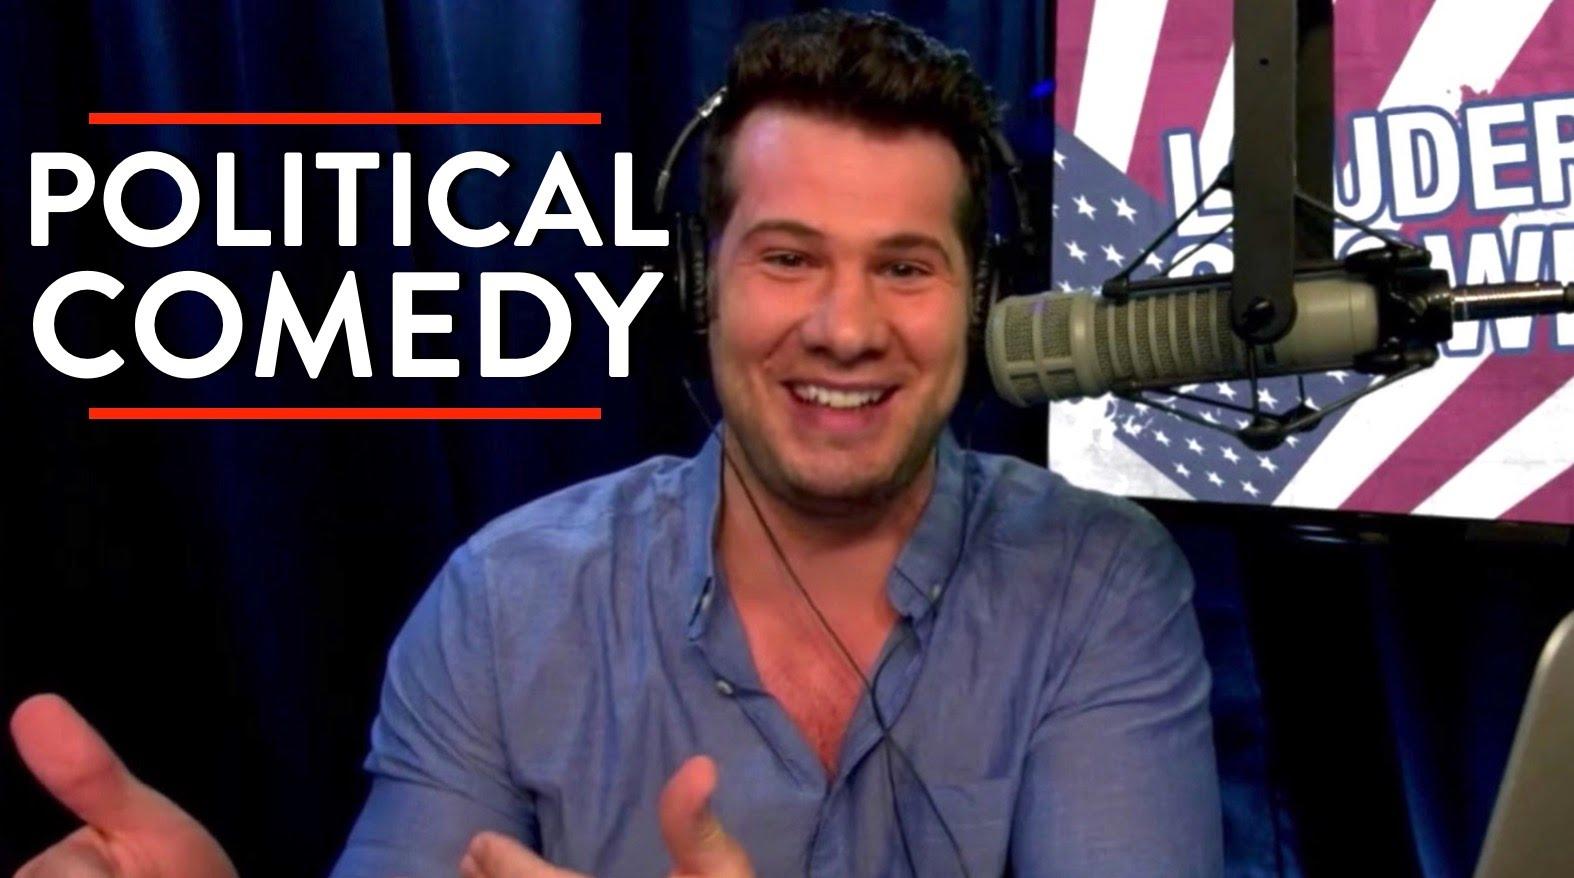 アメリカの政治芸人さんの写真